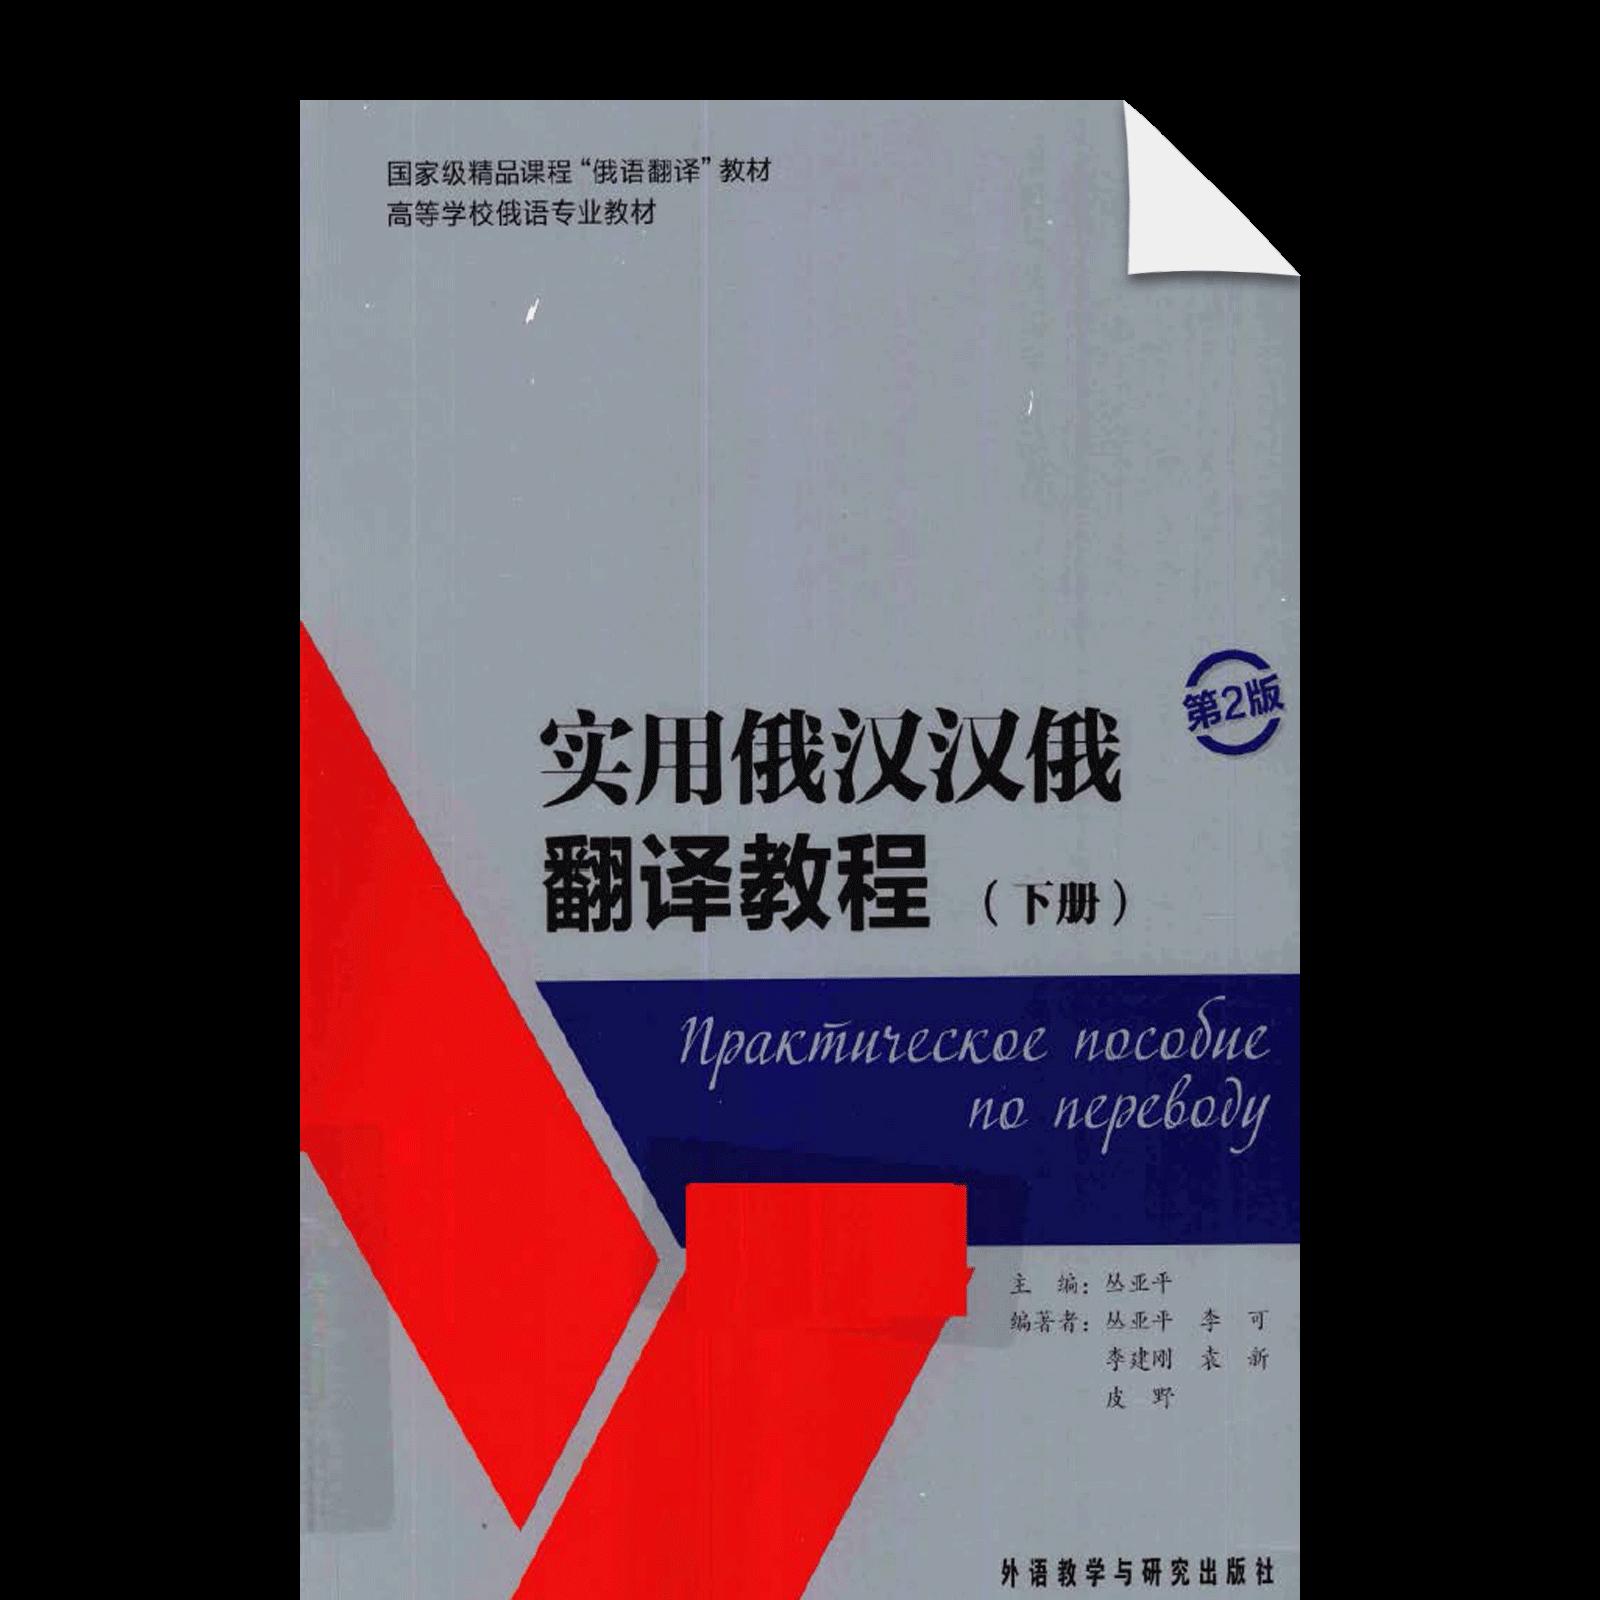 Shiyong Ehan Hane Fanyi Jiaocheng 2